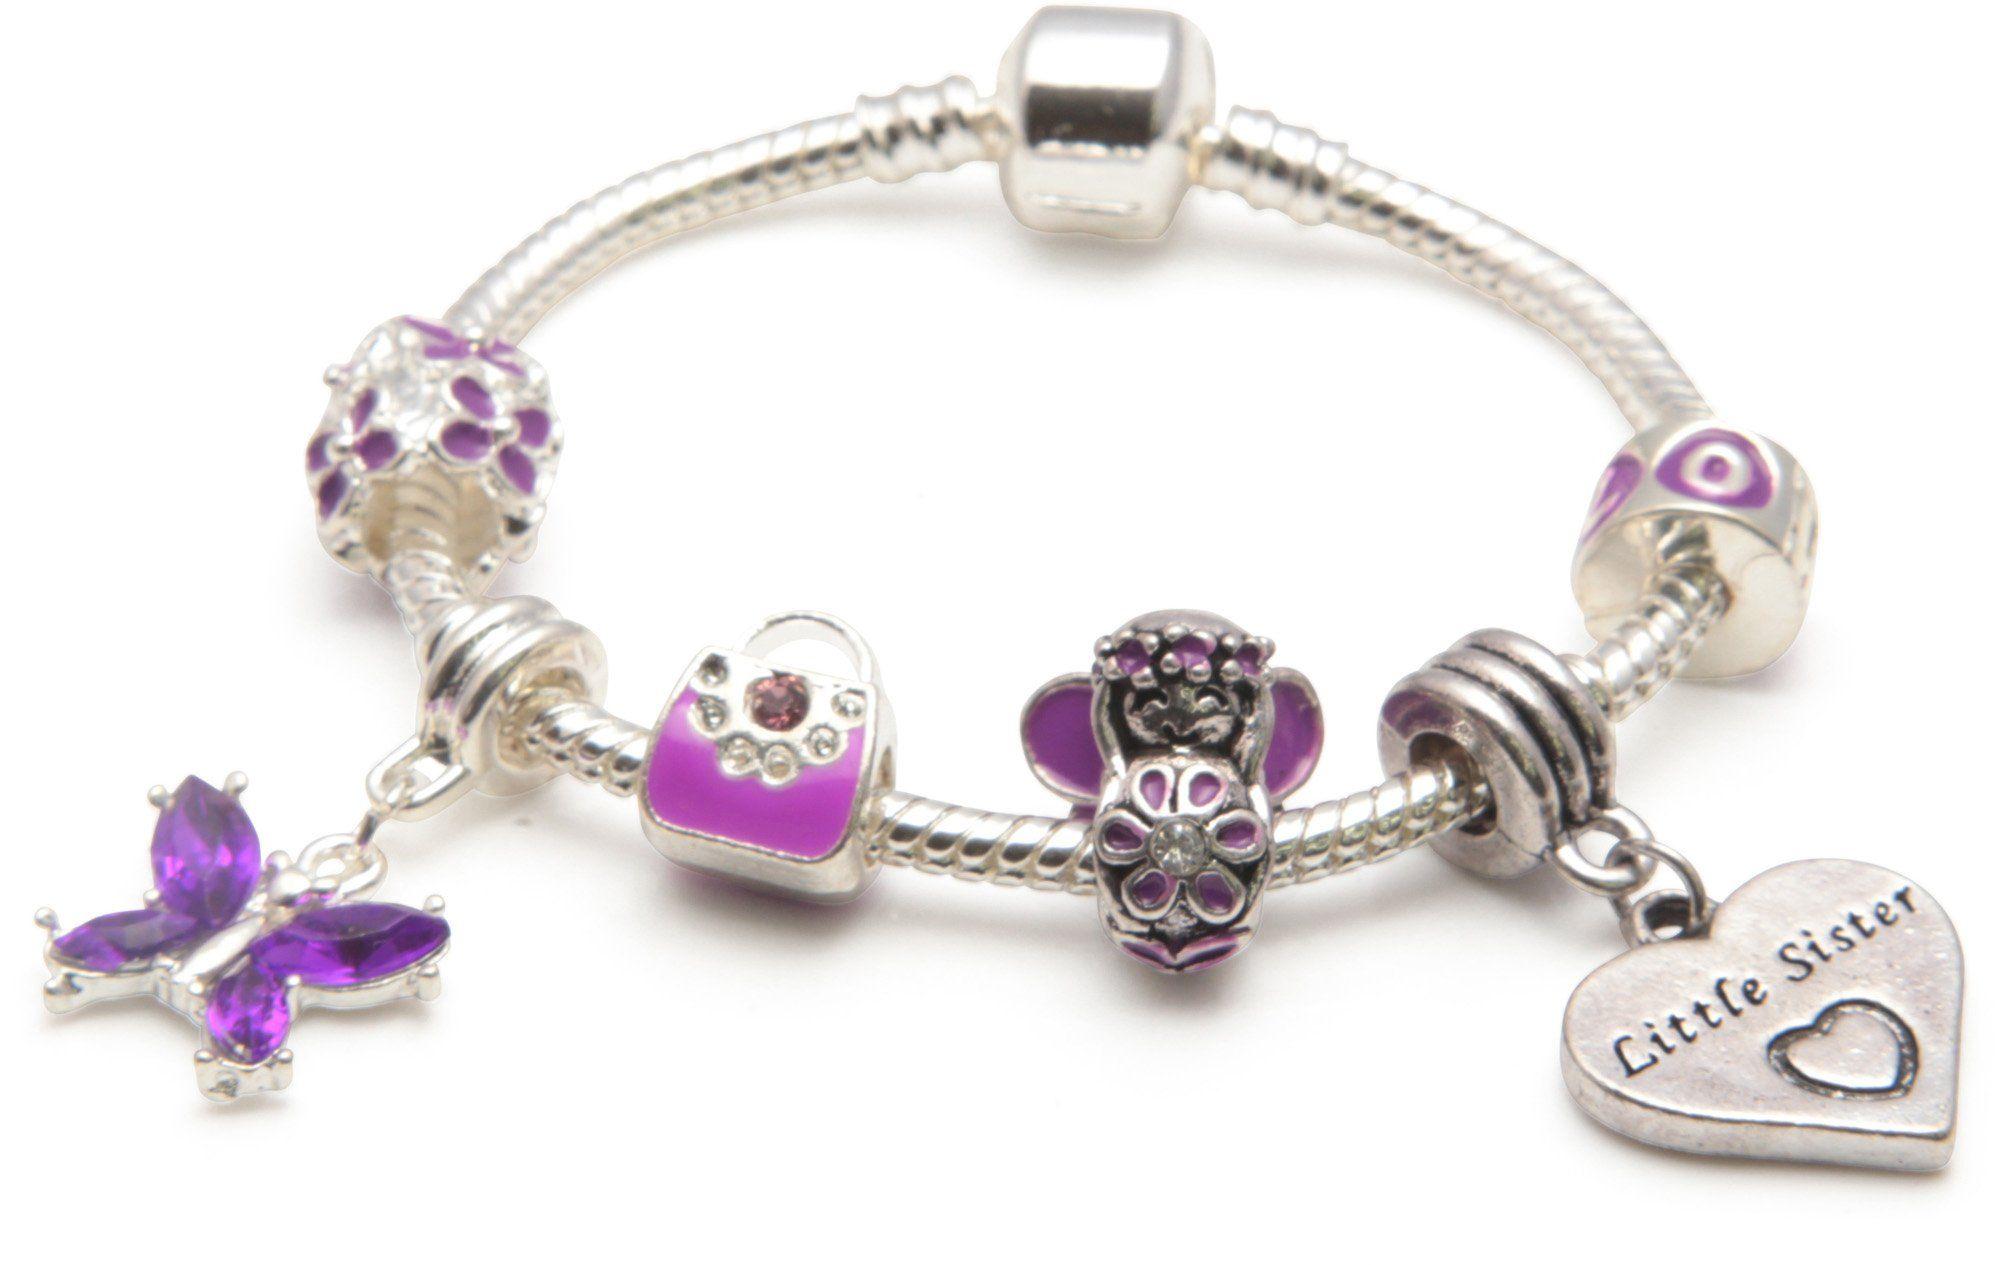 Bracelet charms Style Pandora plaqué argent violet - Bibi-beaute ...